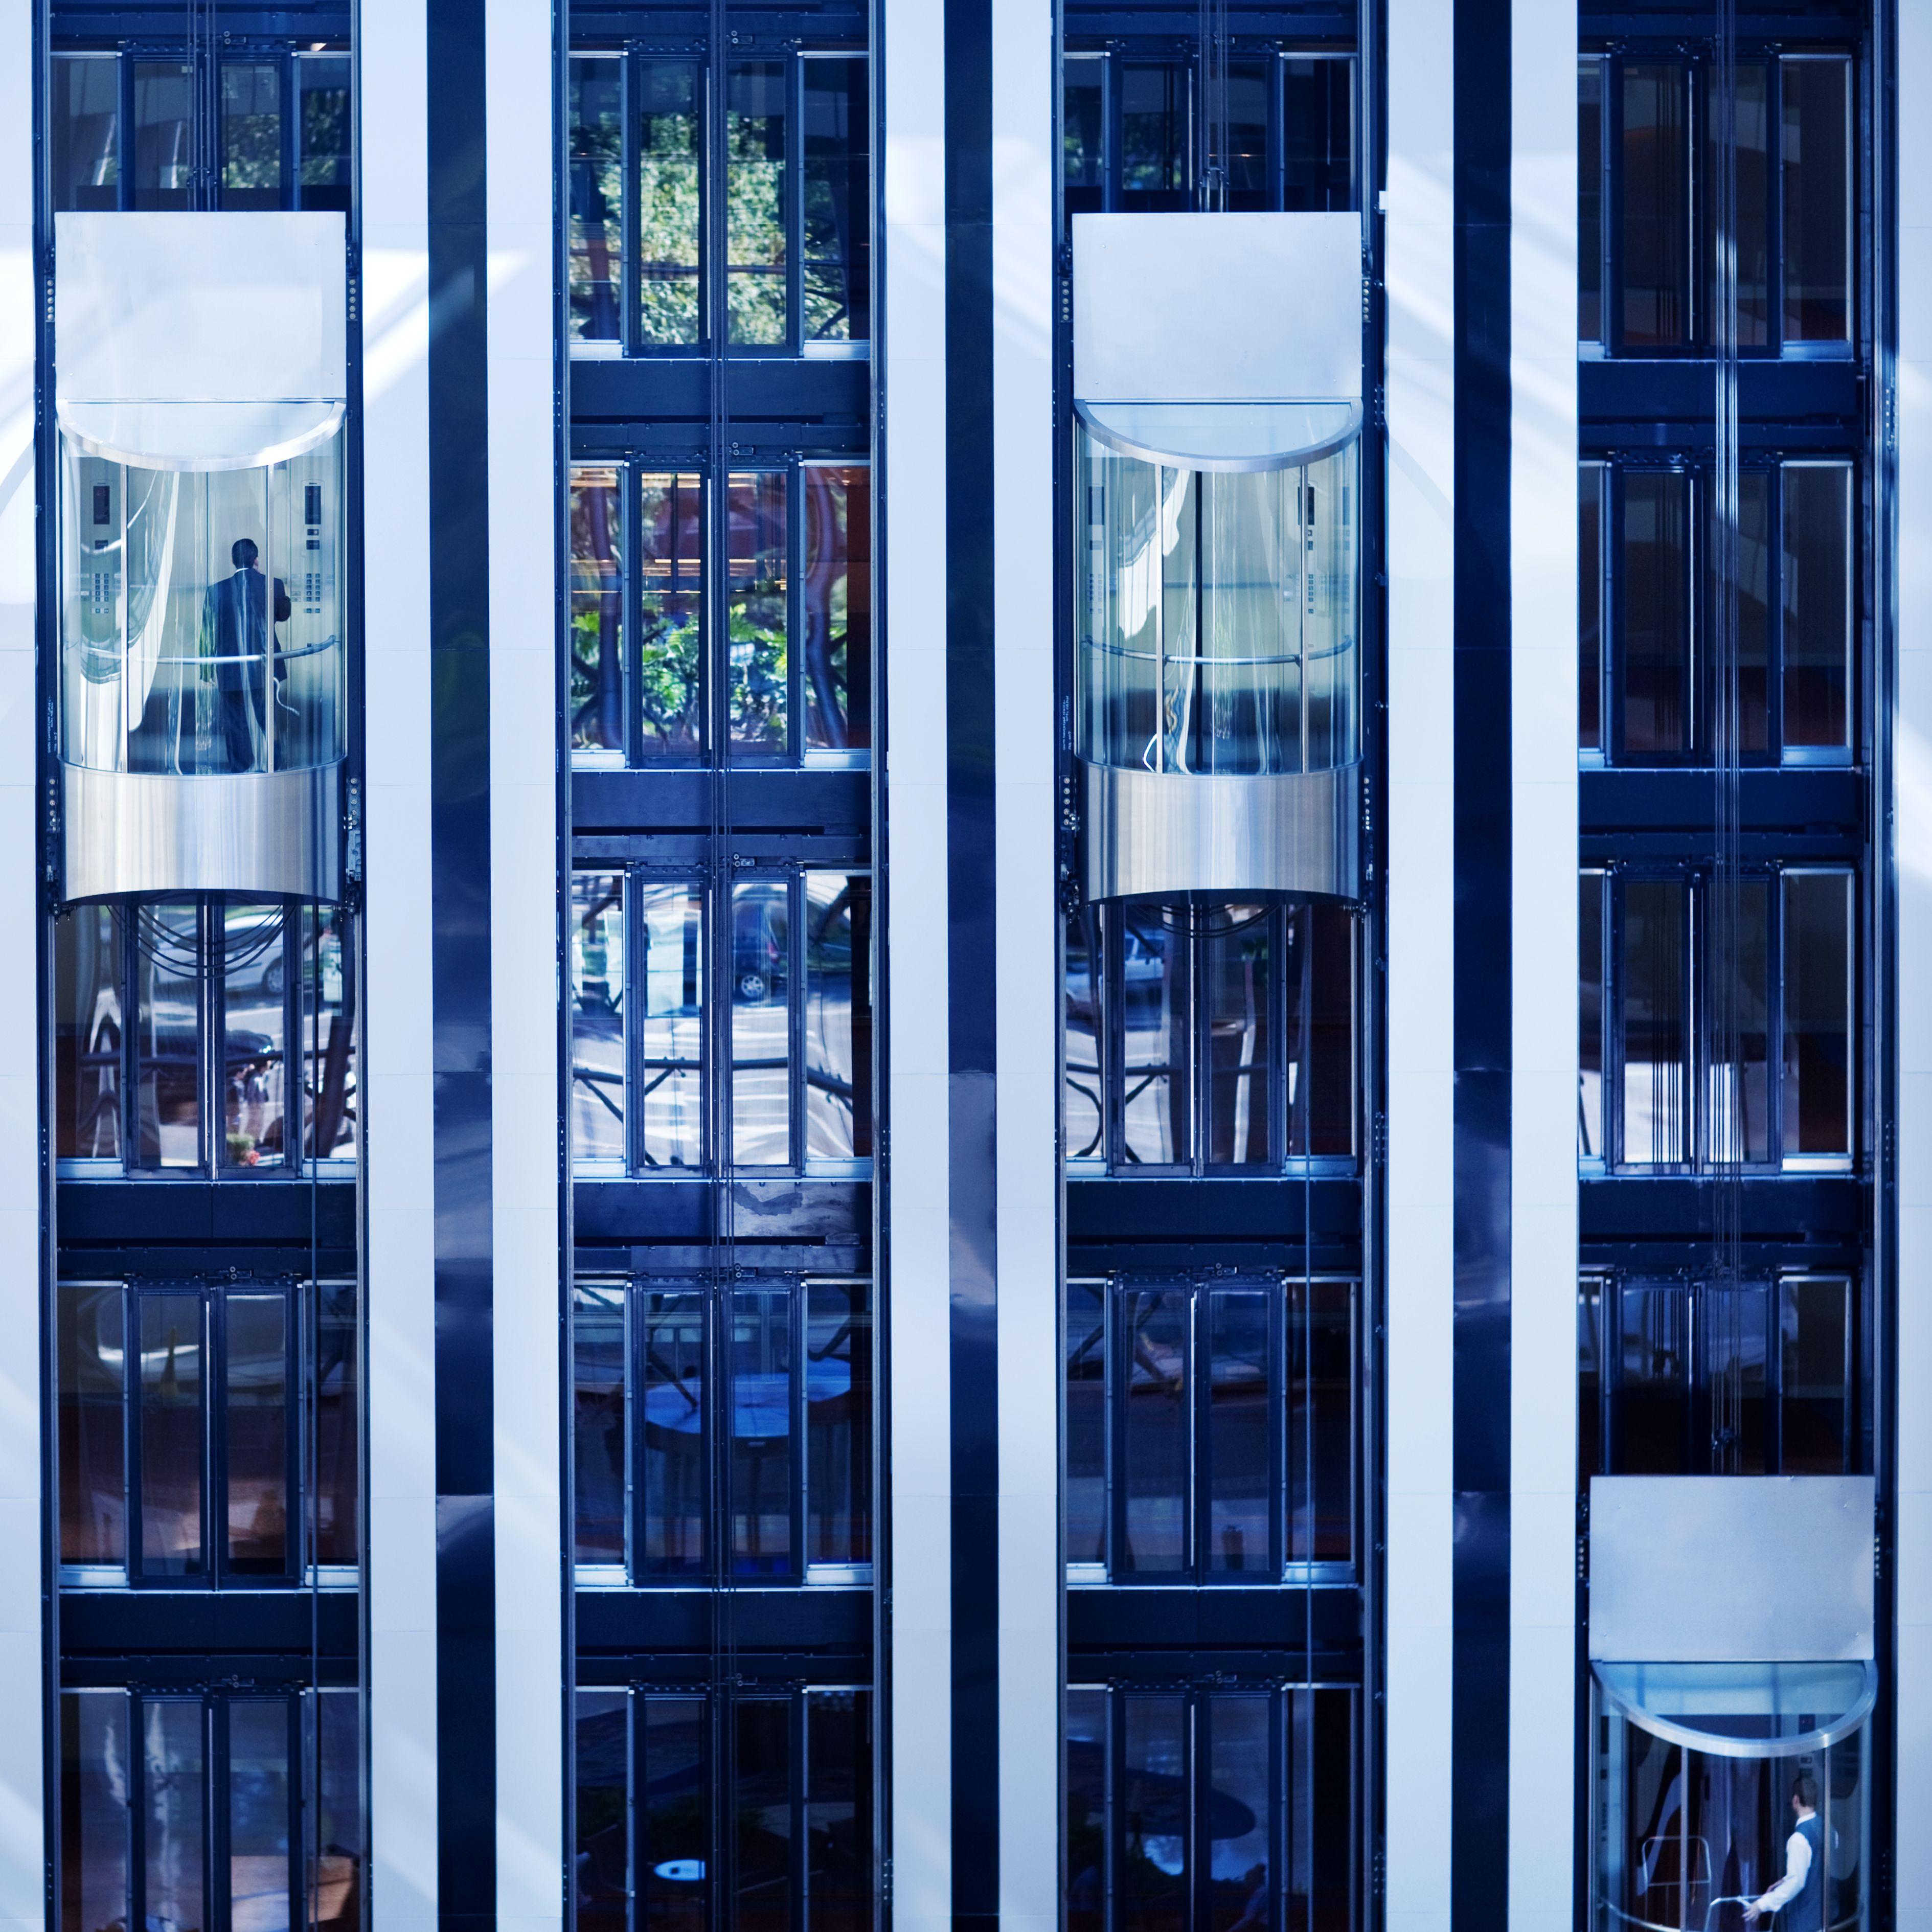 Montaje de ascensores en centros comerciales y edificios en Montcada i Reixac